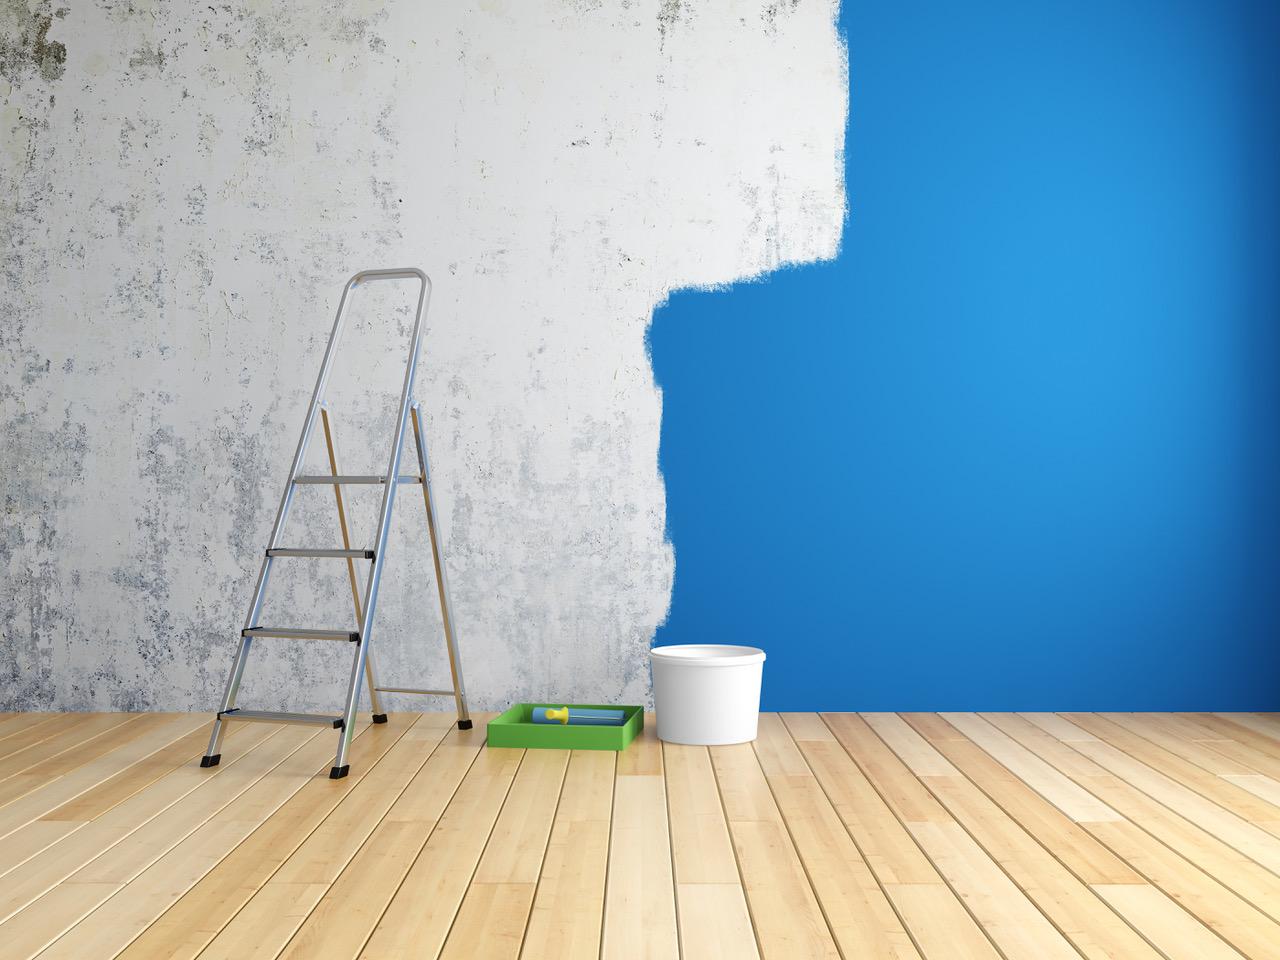 Строительные работы и ремонт квартир недорого и точно в срок